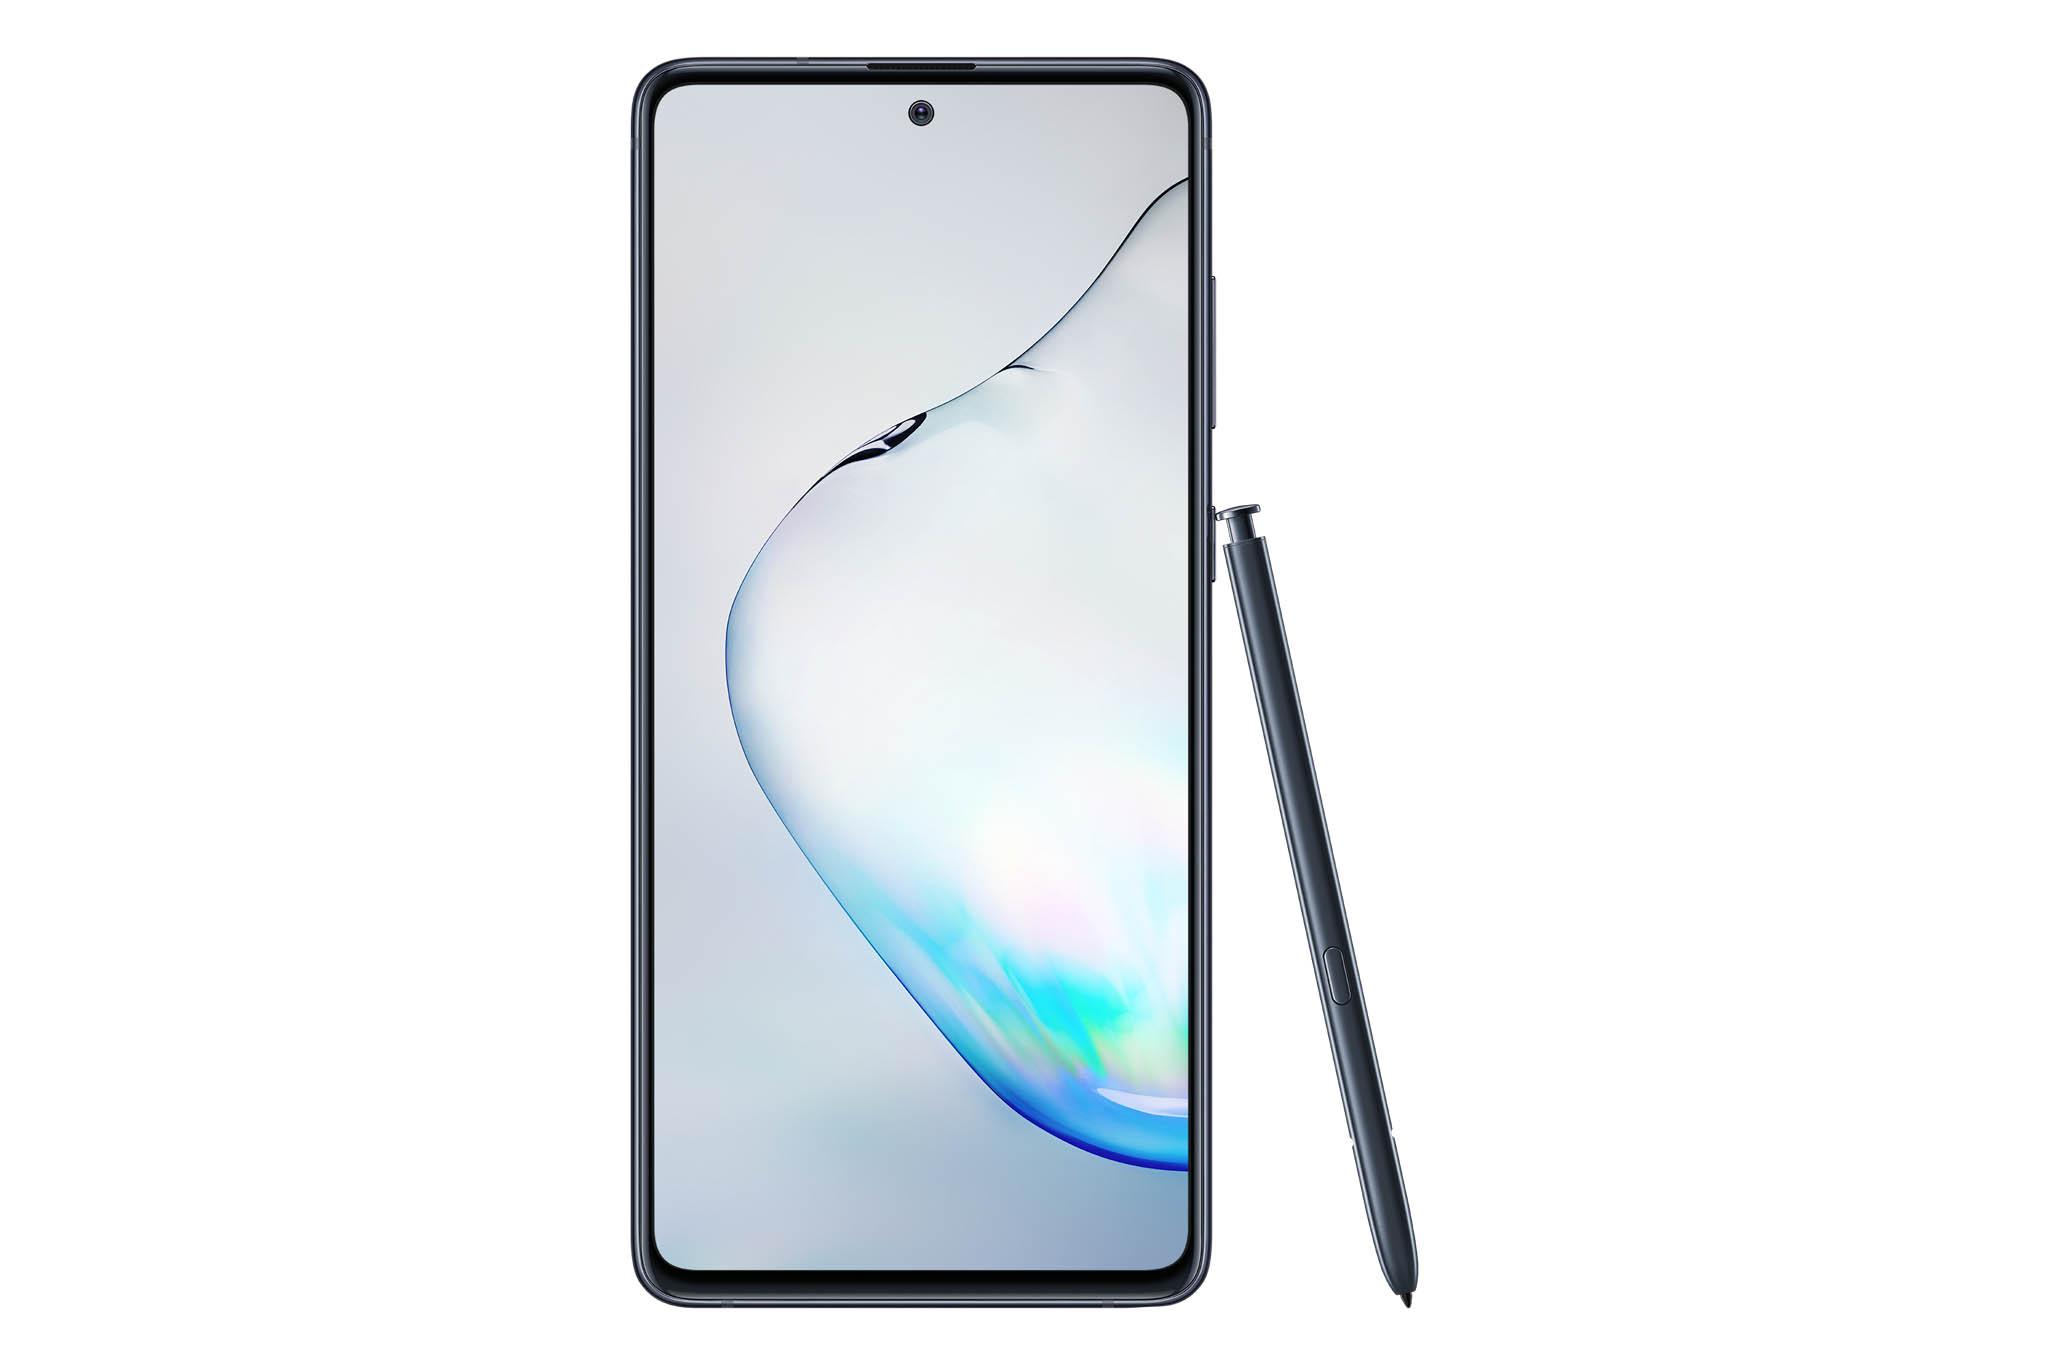 Součástí výbavy Galaxy Note 10 Lite s Full HD AMOLED obrazovkou, 128 GB prostorem pro data anovým Androidem 10 je také unikátní pero.